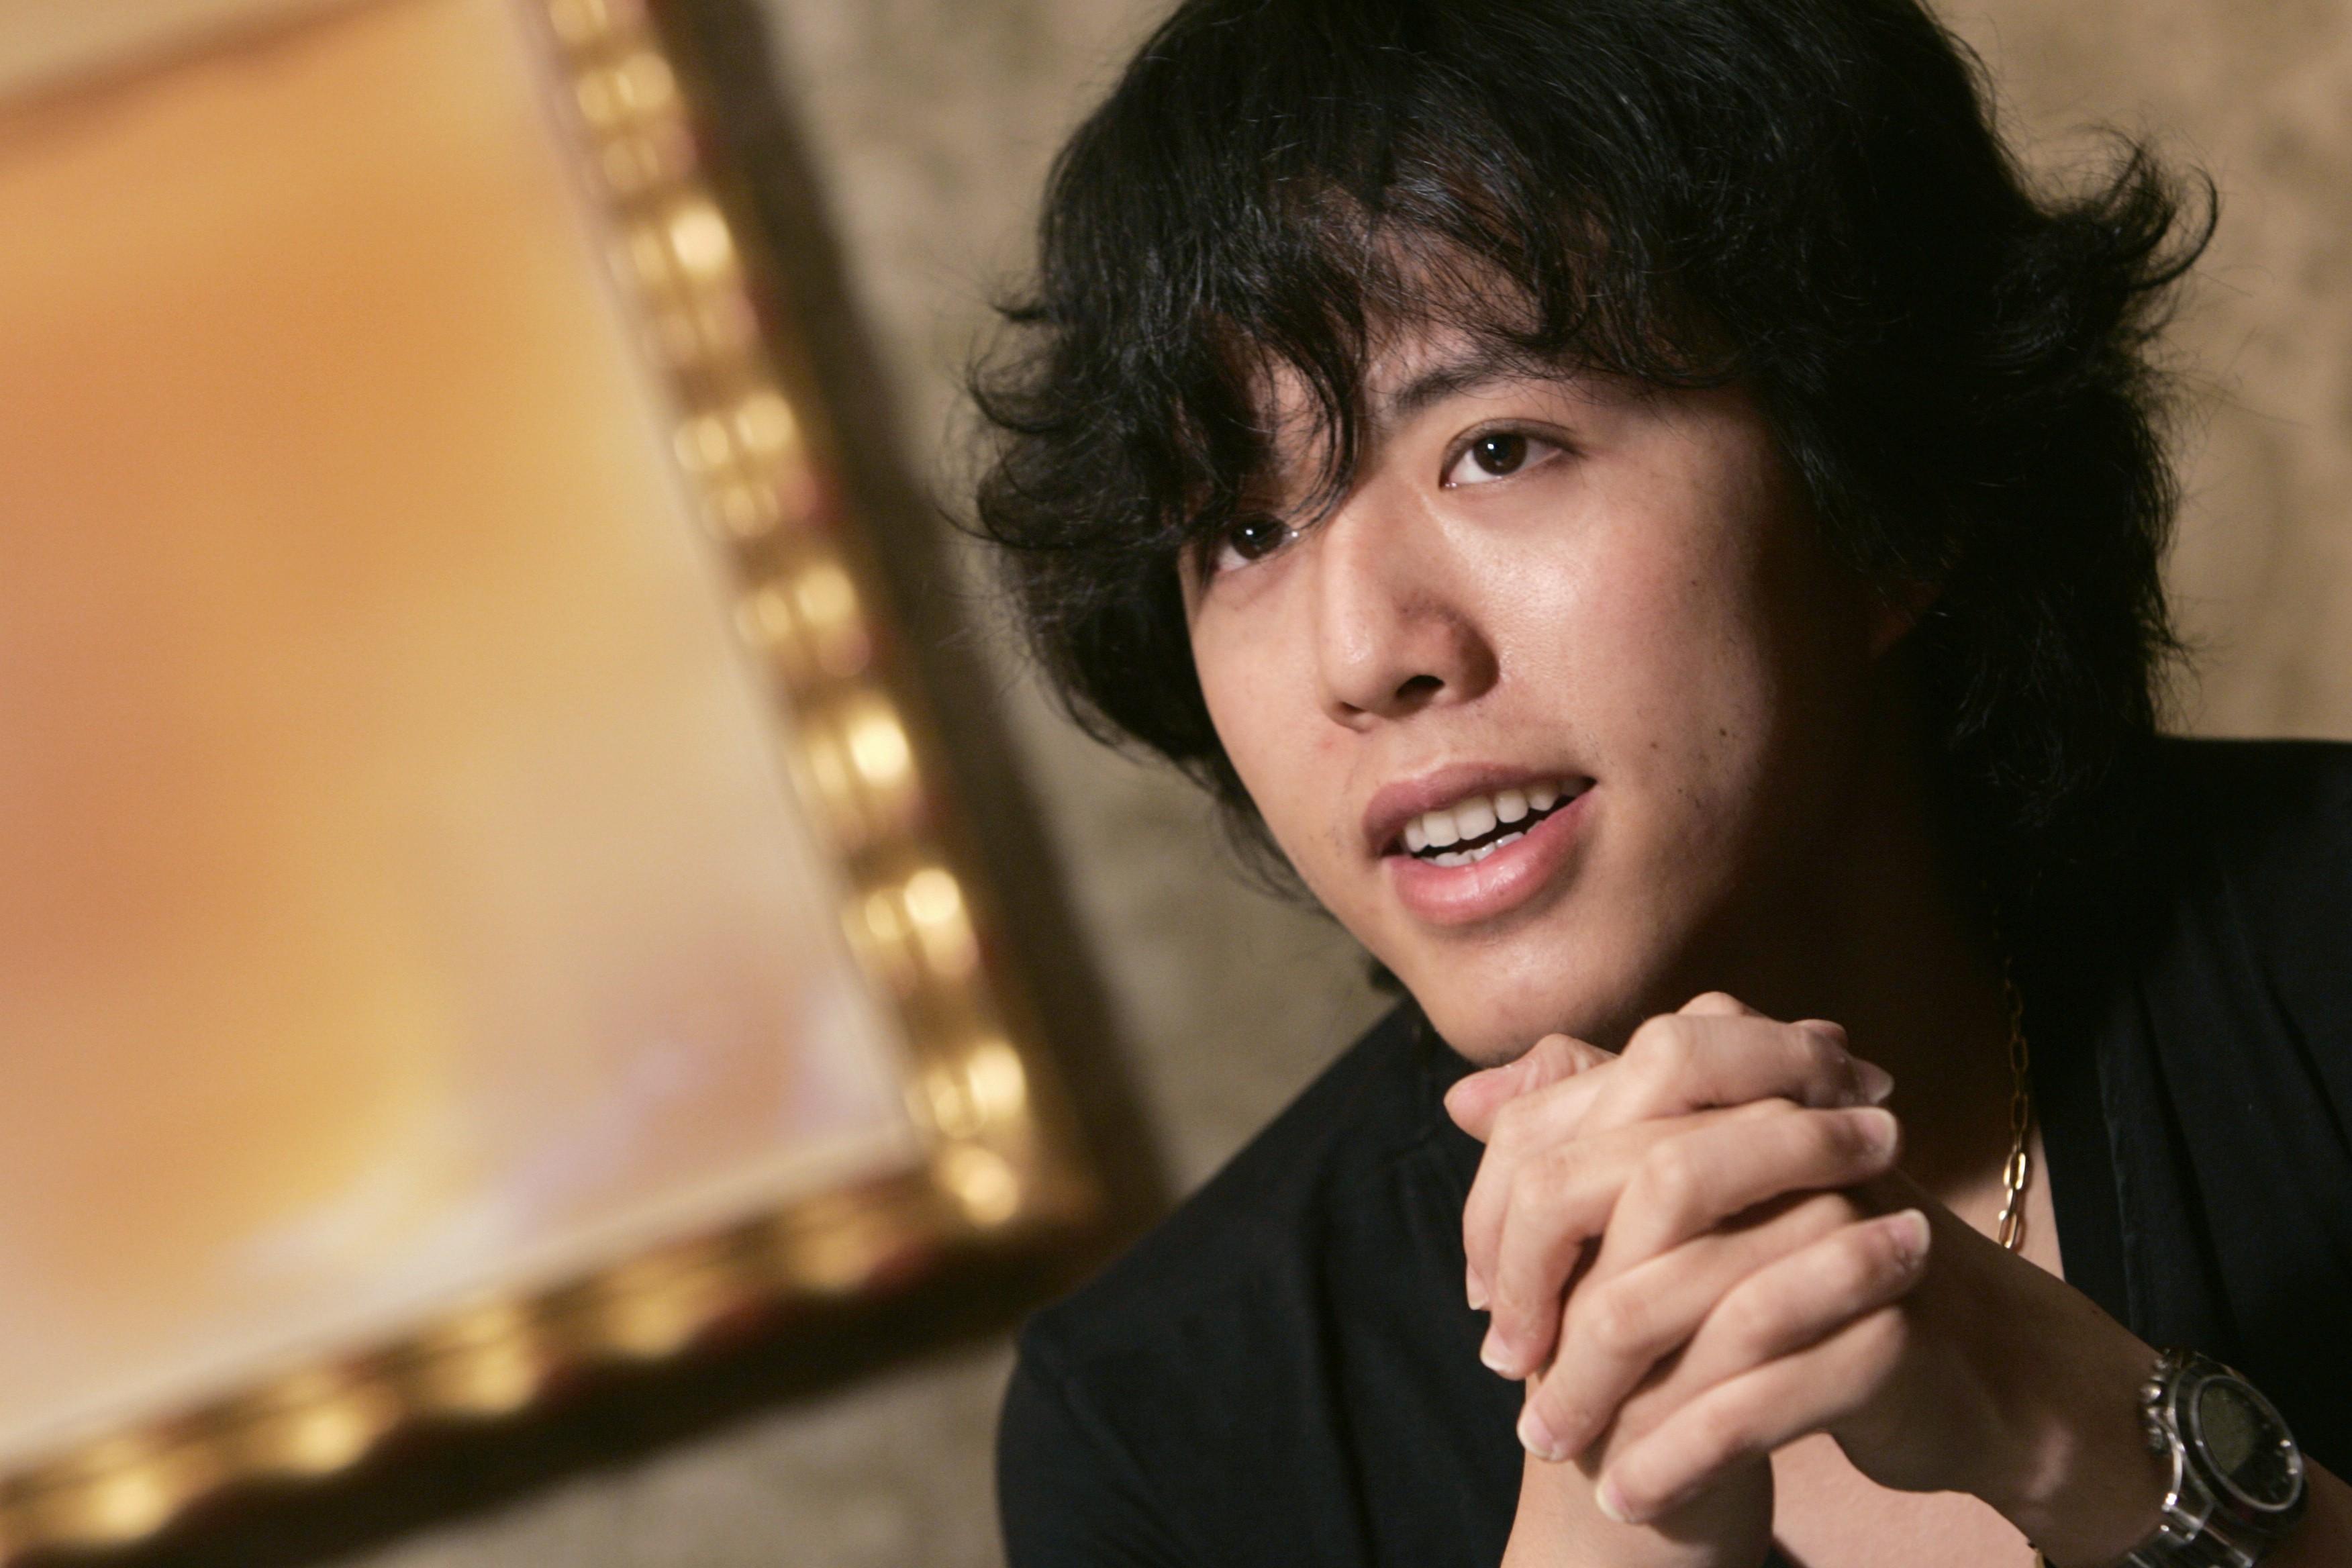 Polícia da China detém pianista Li Yundi por alegações de contratar prostituta